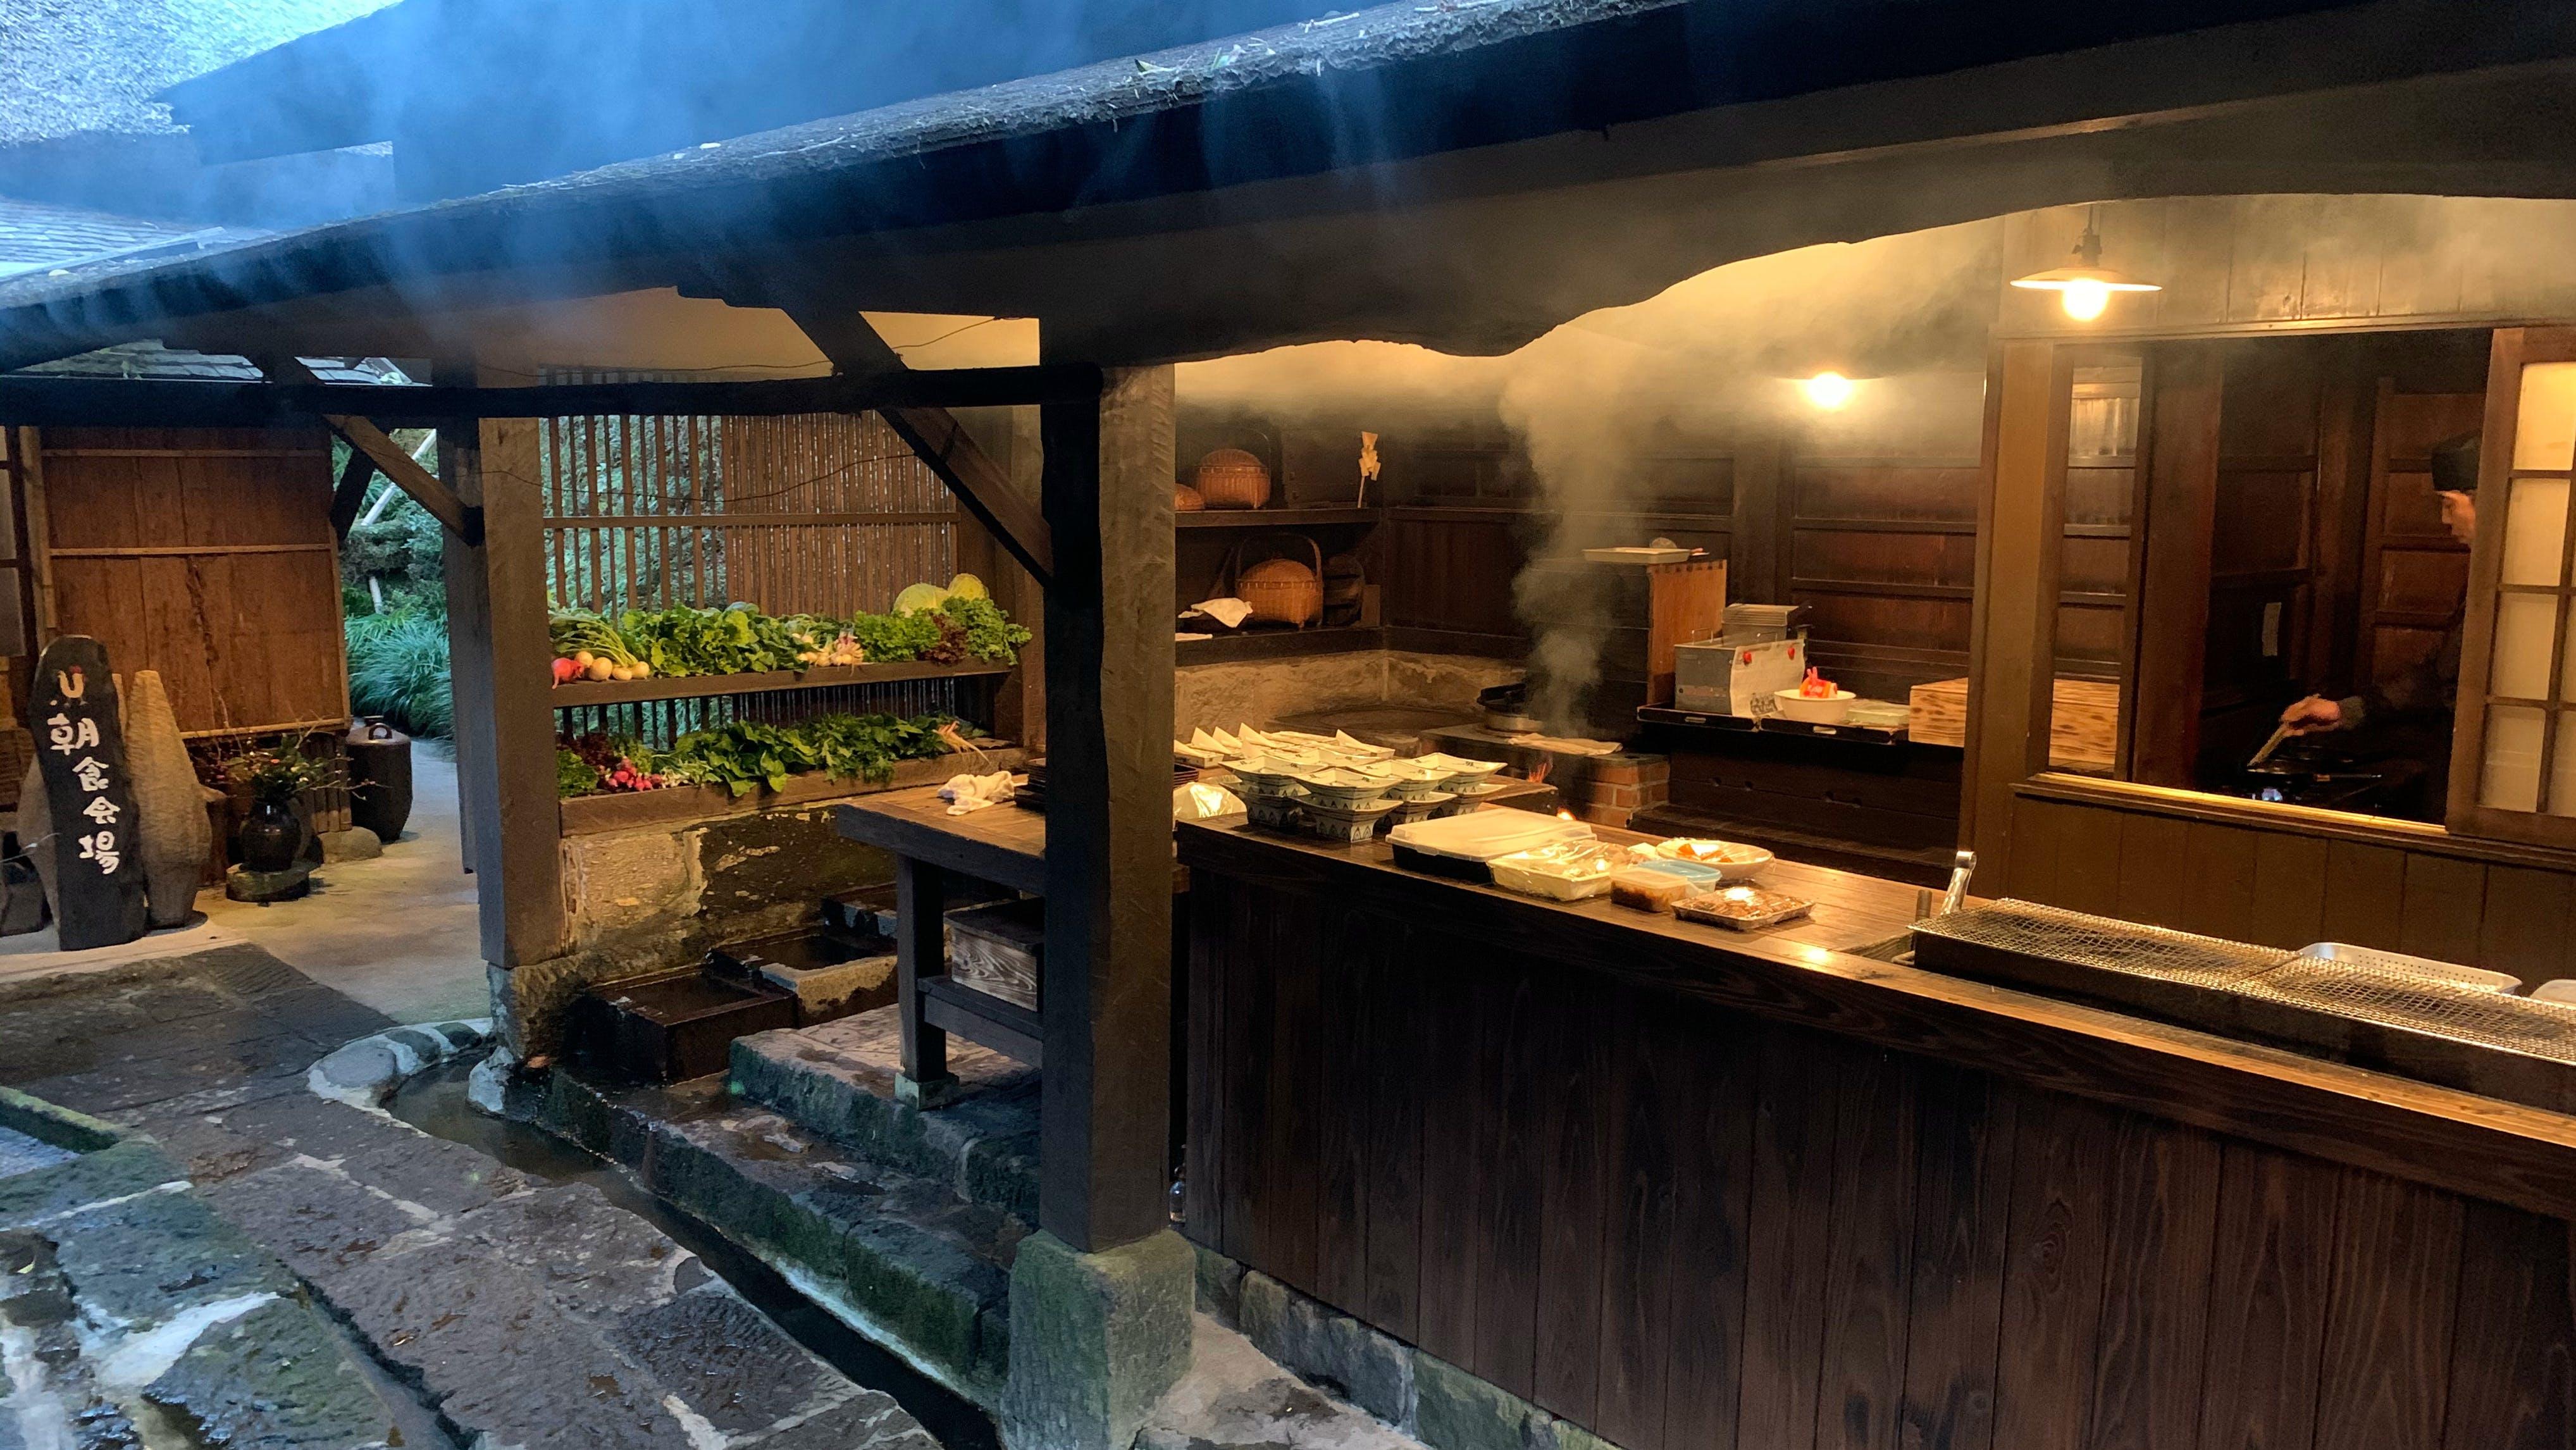 """【滞在記】「忘れの里 雅叙苑」で味わった""""また食べたくなる""""鹿児島の郷土料理"""